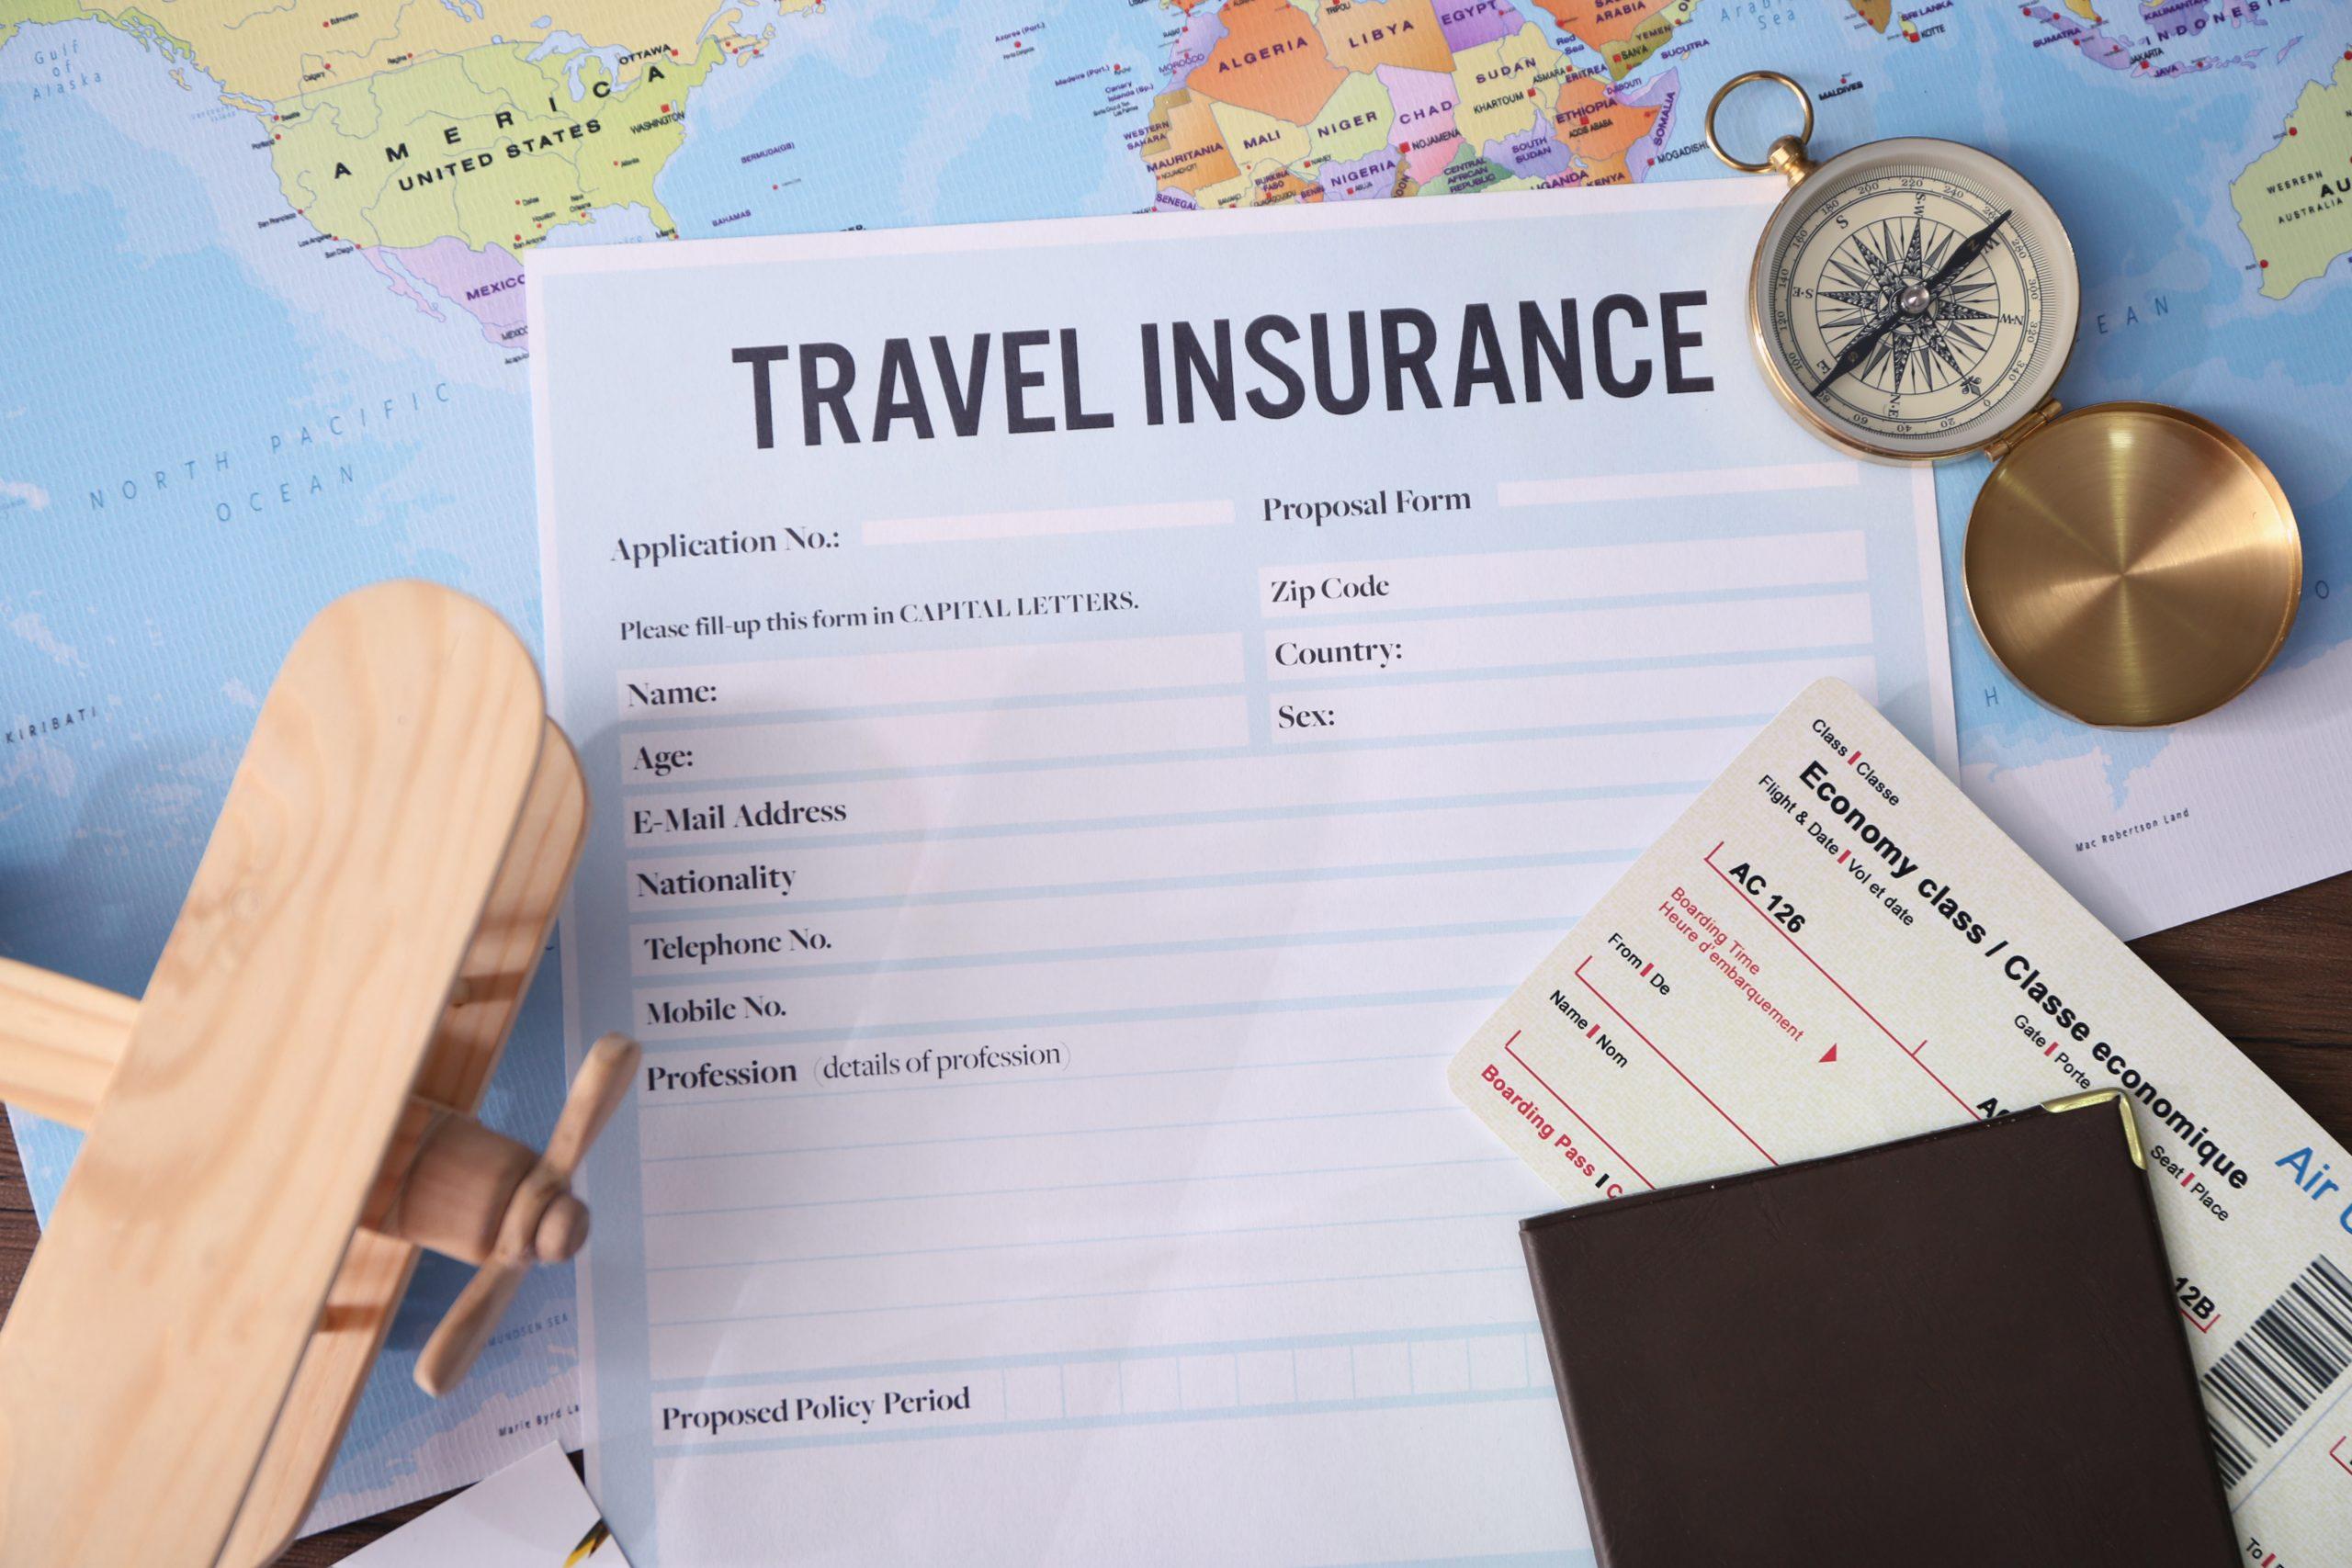 Allianz Reiseversicherung: Test & Empfehlungen (01/20)